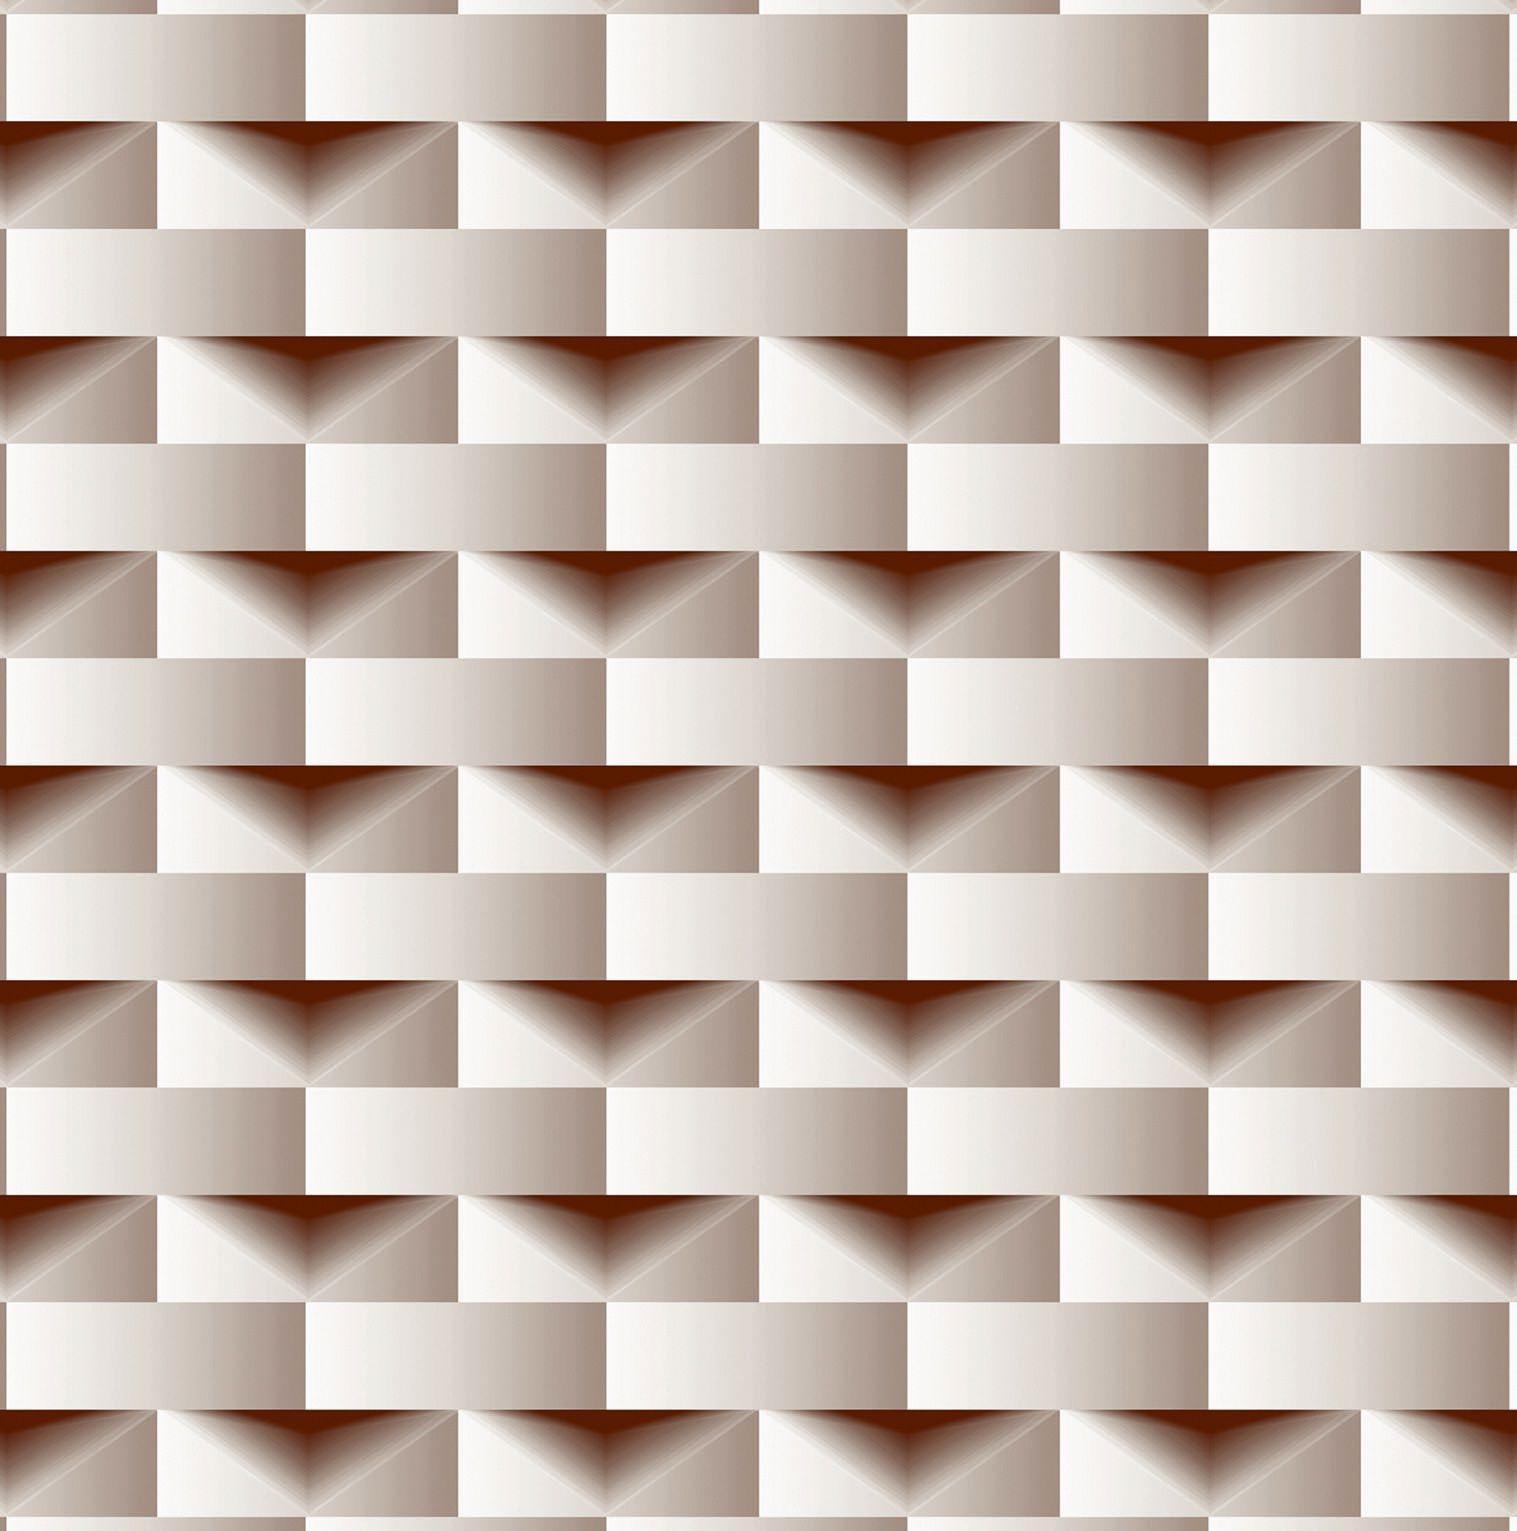 Papel de parede Bobinex  Vinílico Coleção Dimensões Geométrico 3D Marrom, Marfim